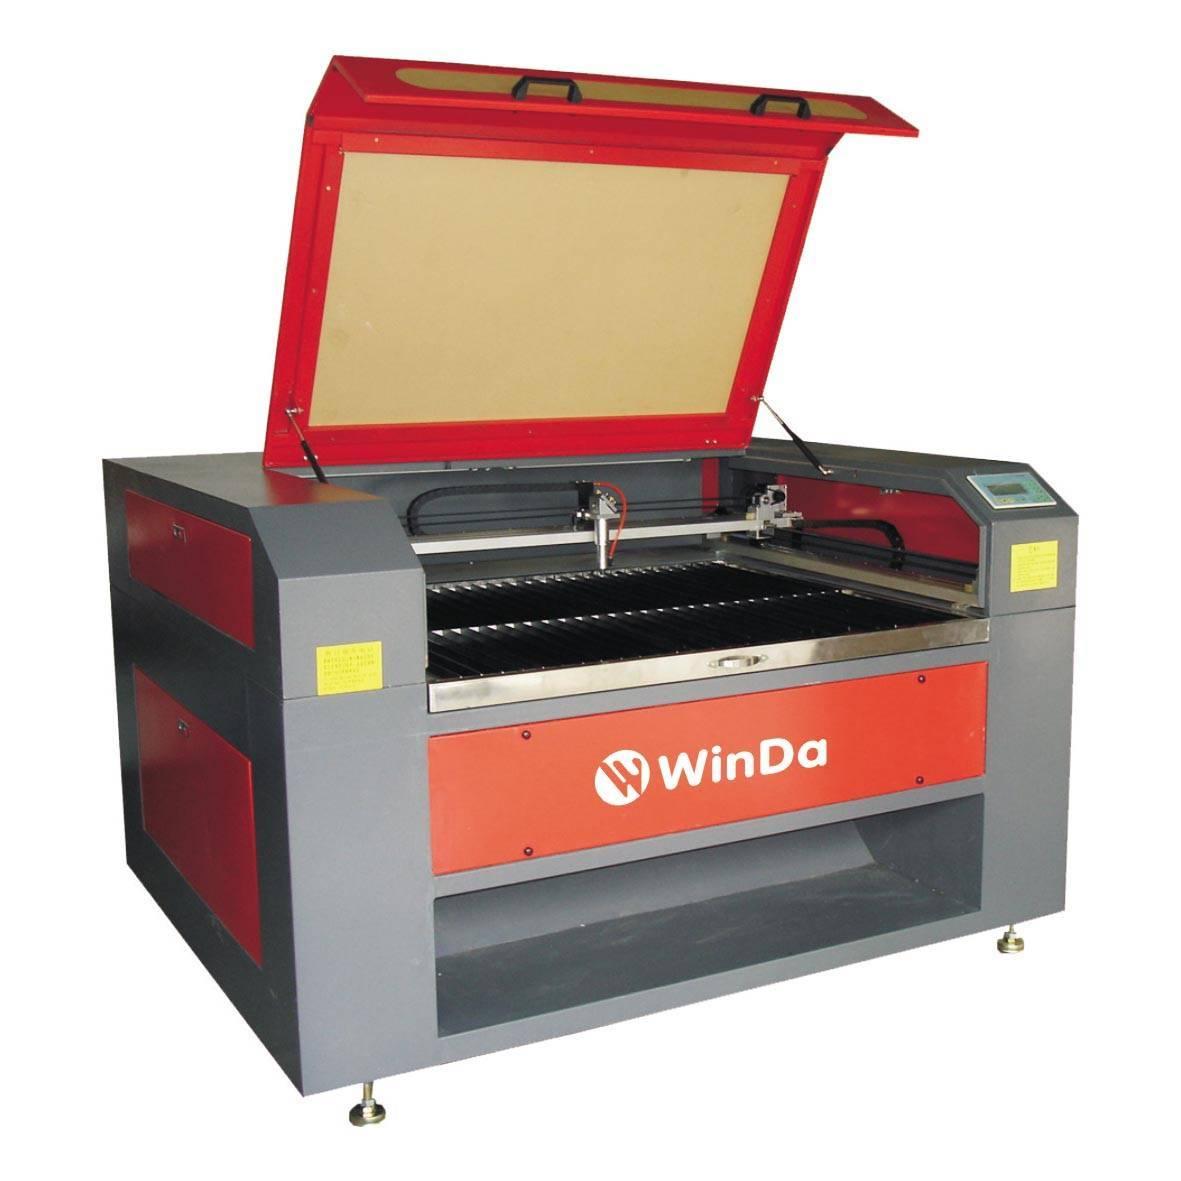 Winda Laser Cutting and Engraving Machine